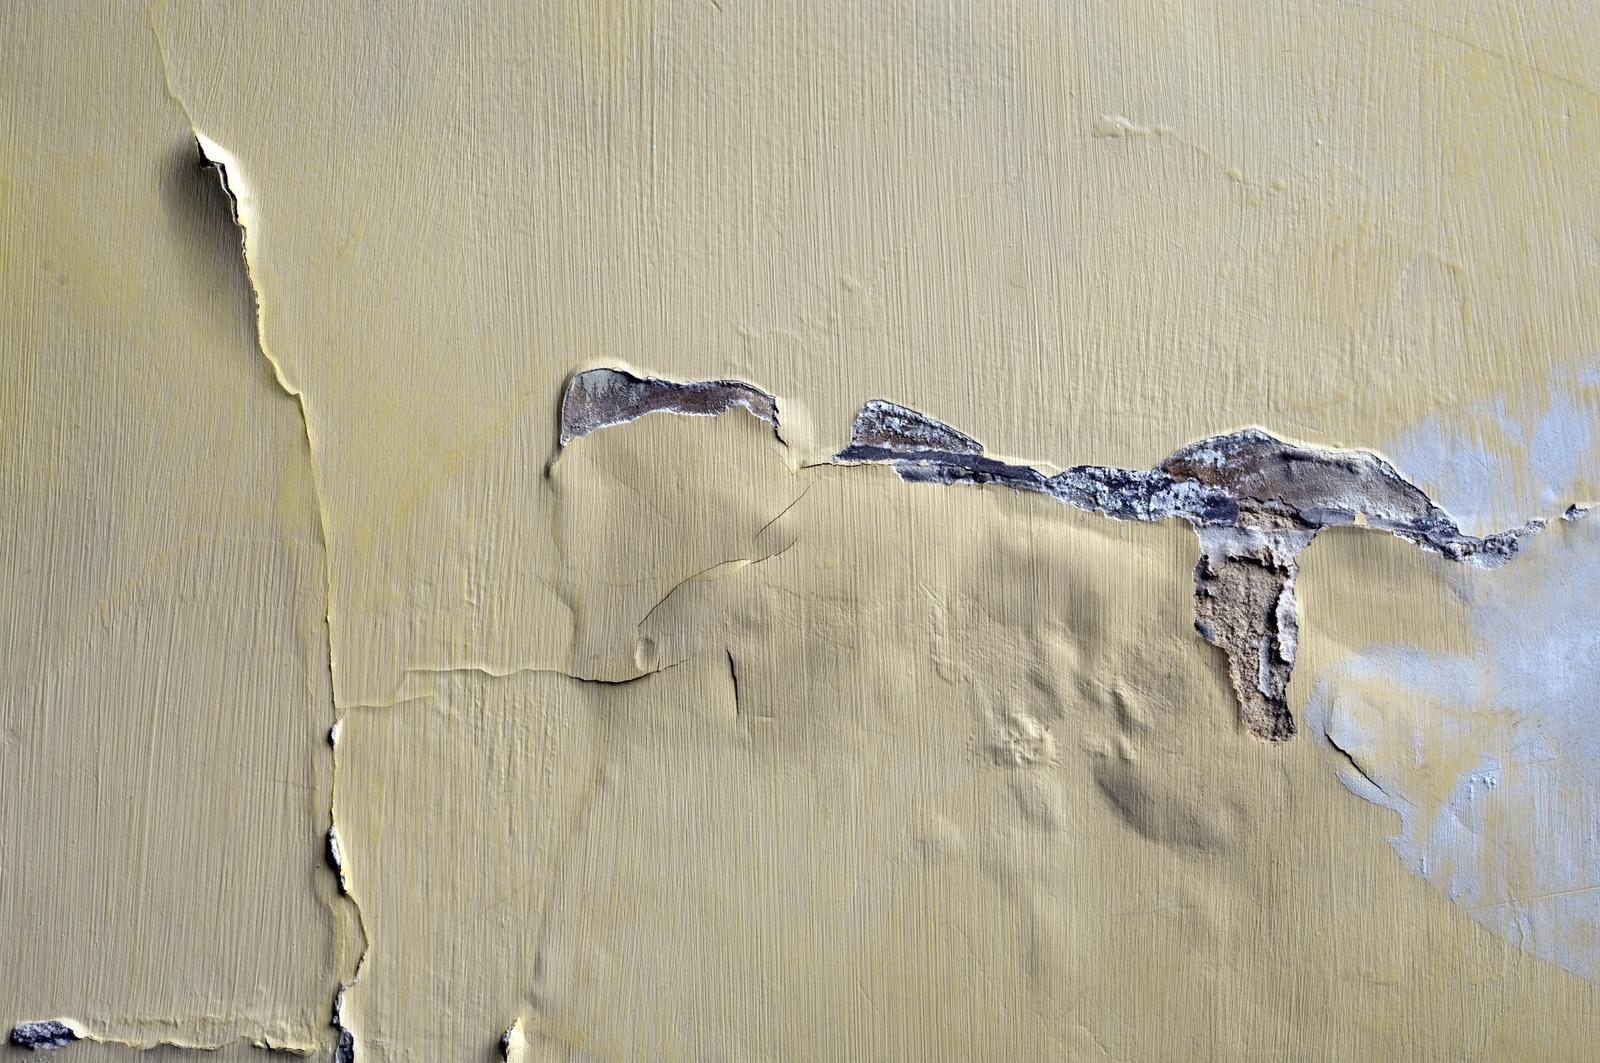 bubbling-on-interior-plaster-wall.jpg